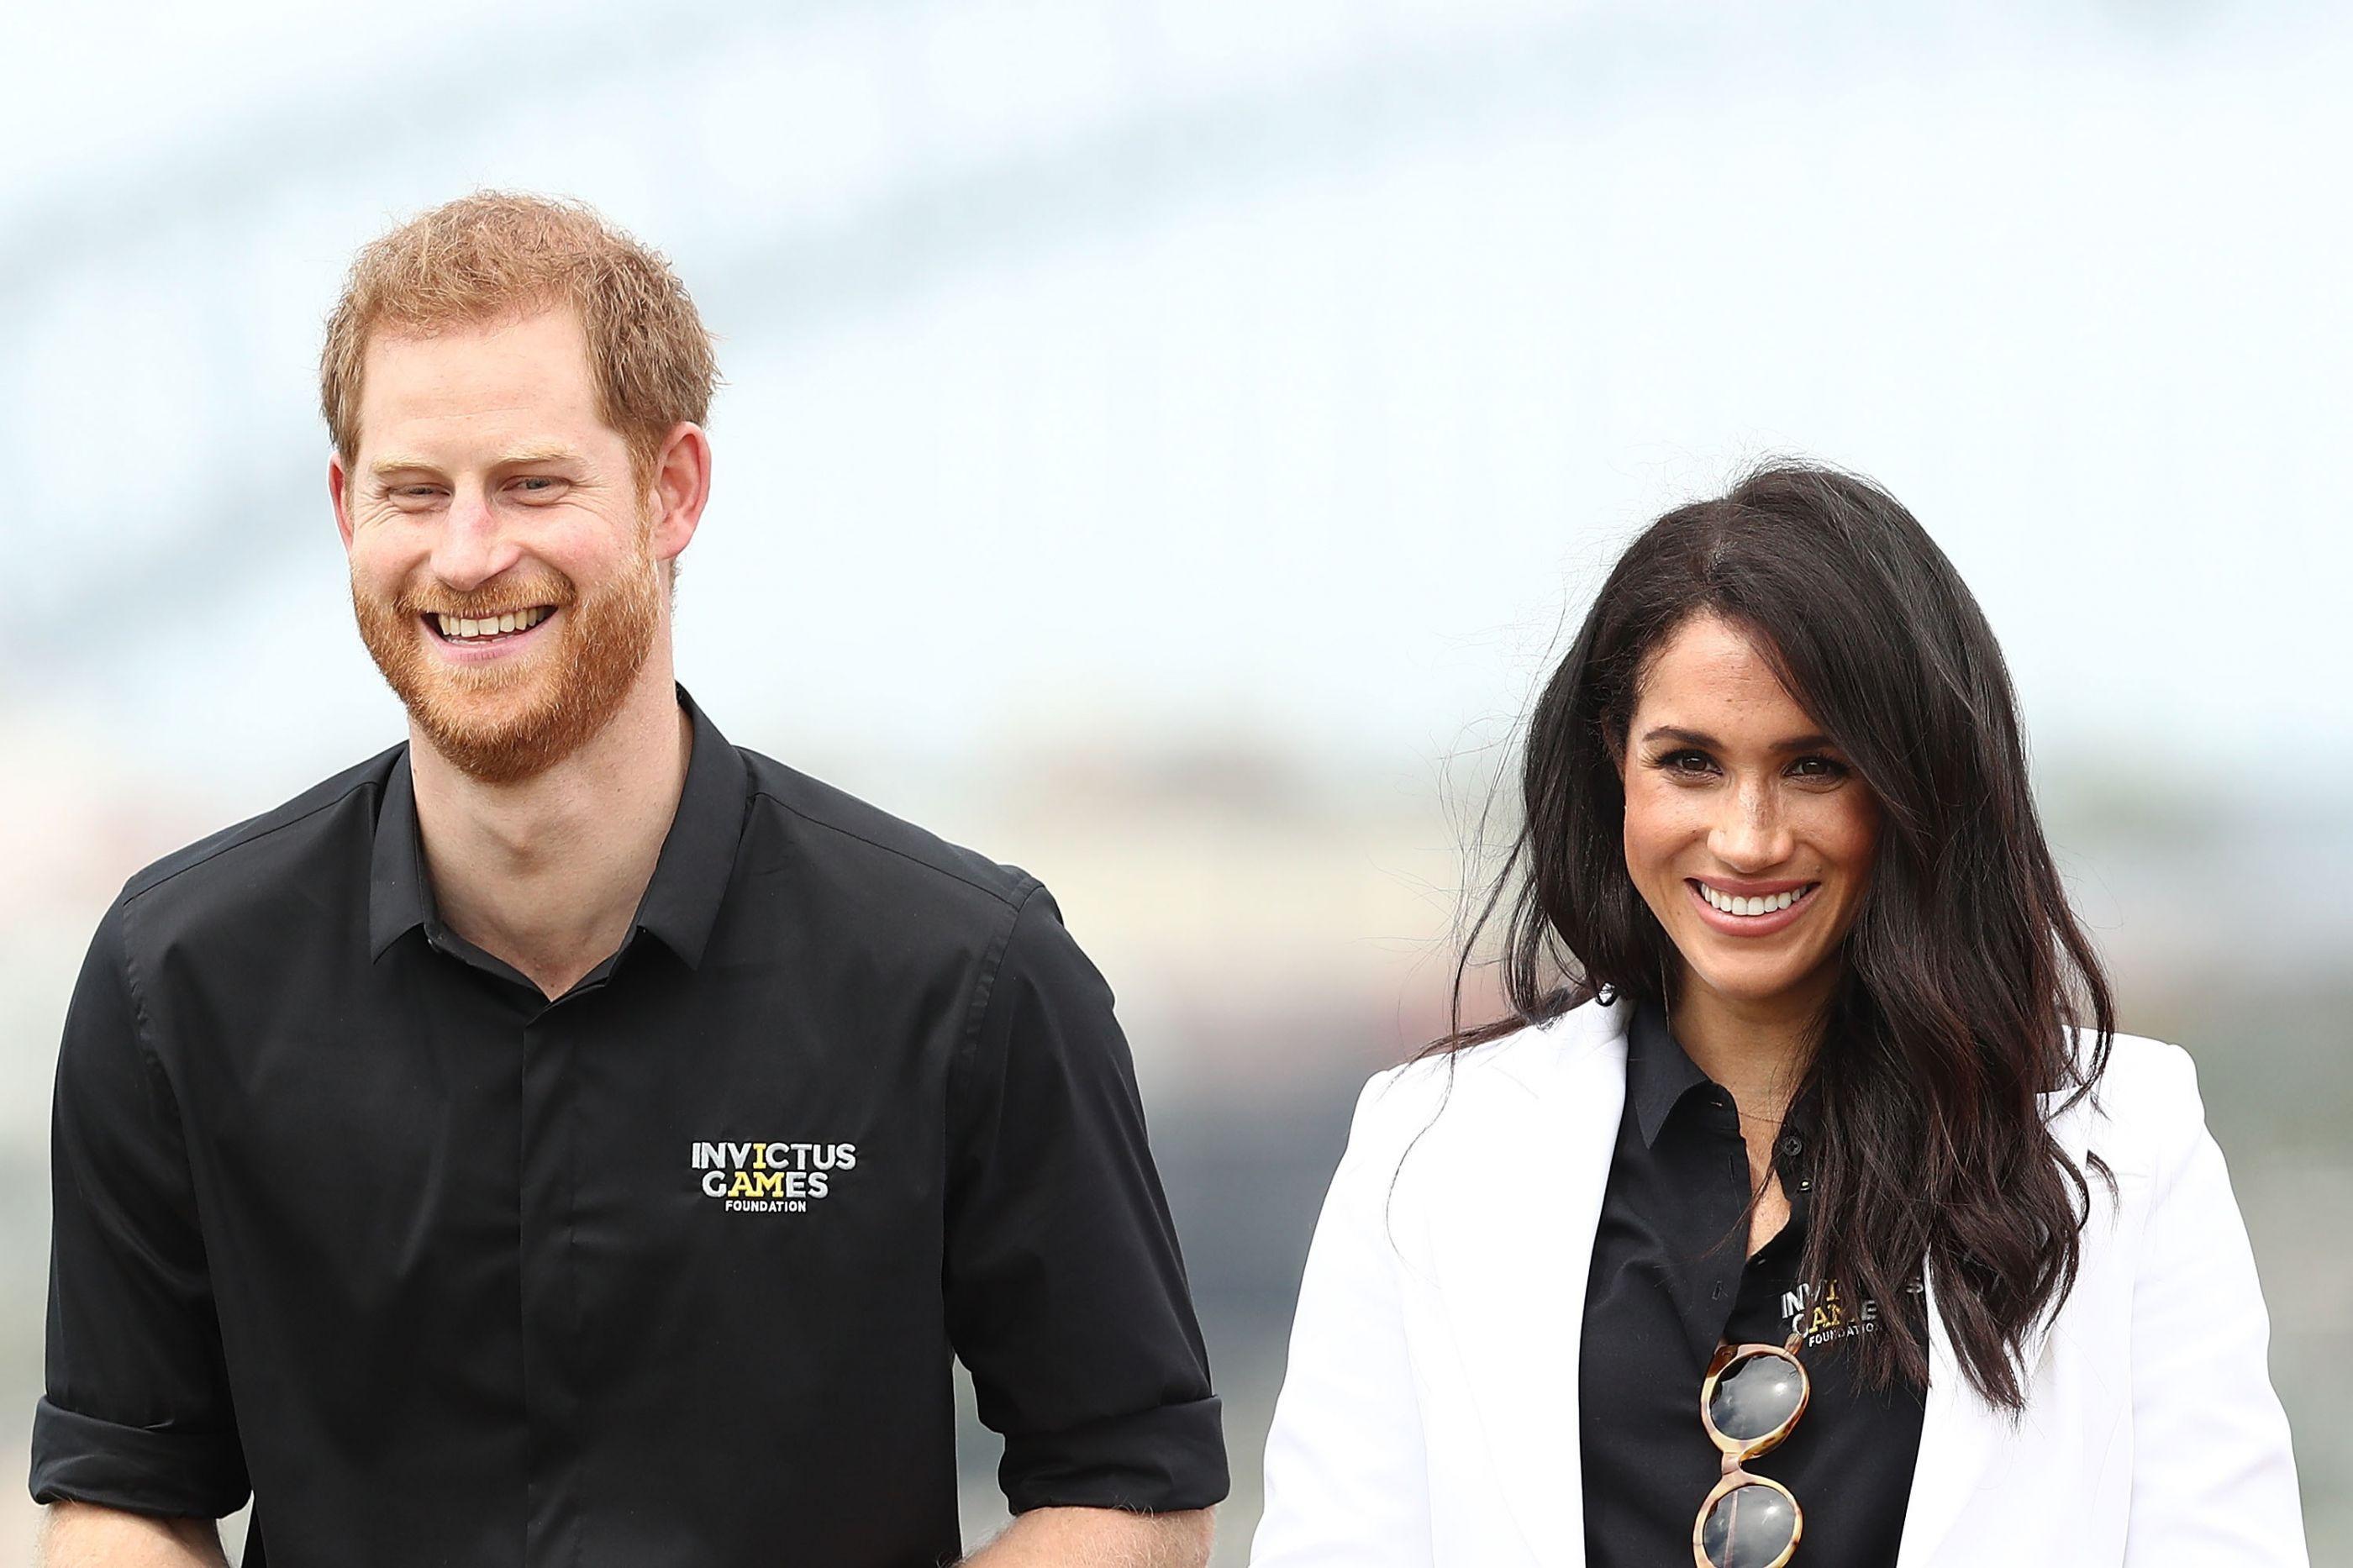 Pai de Meghan Markle 'ataca' príncipe Harry